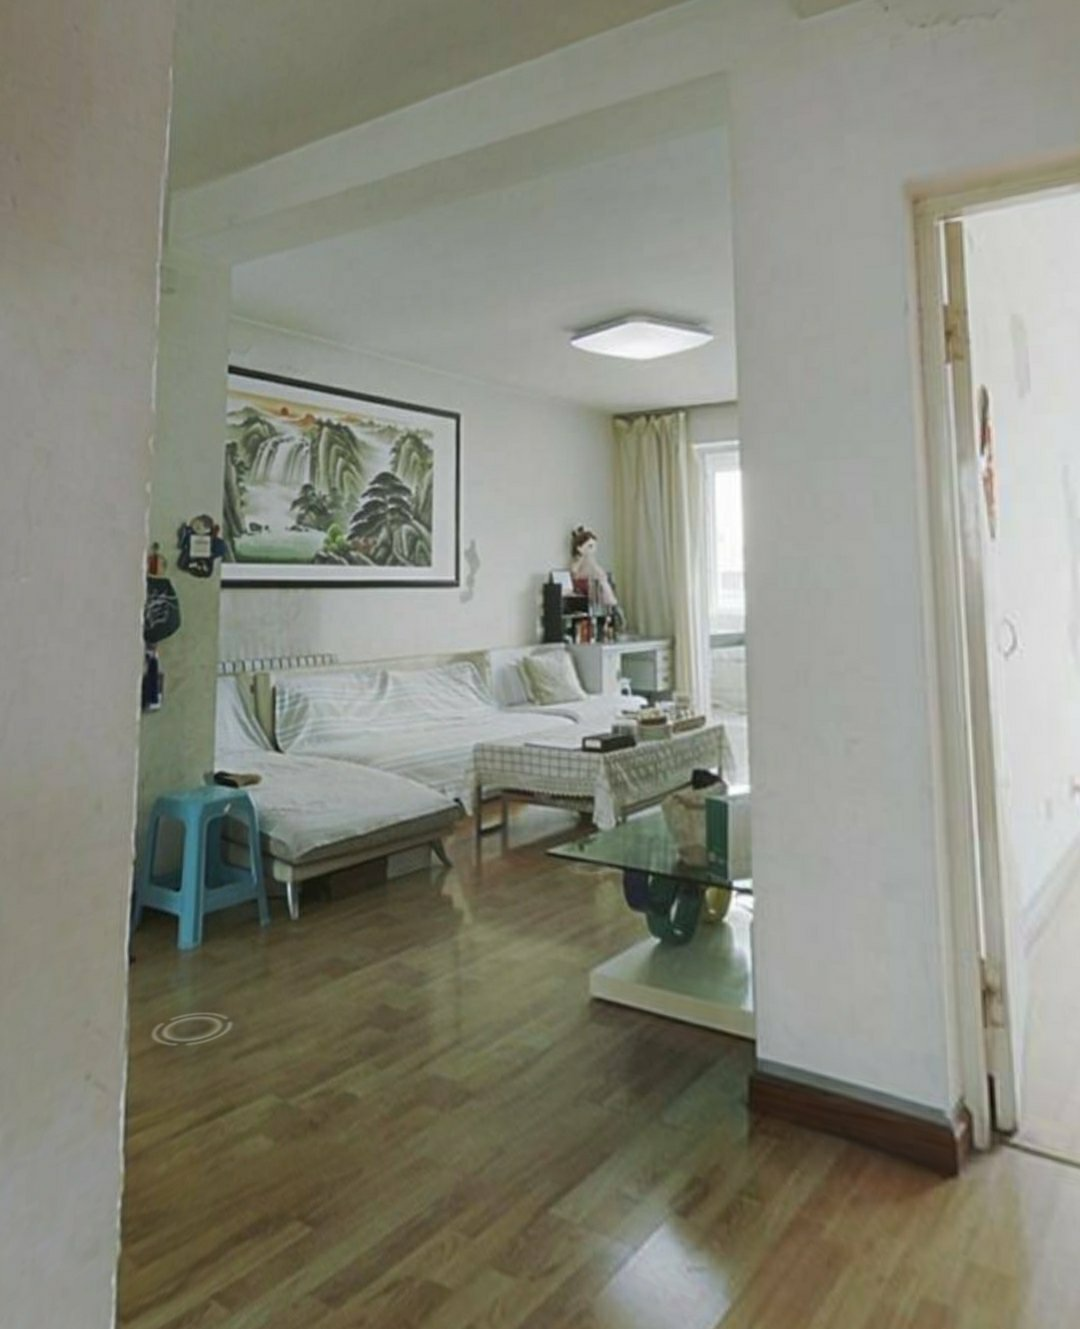 天桥区泺口普通2室2厅1卫二手房出售